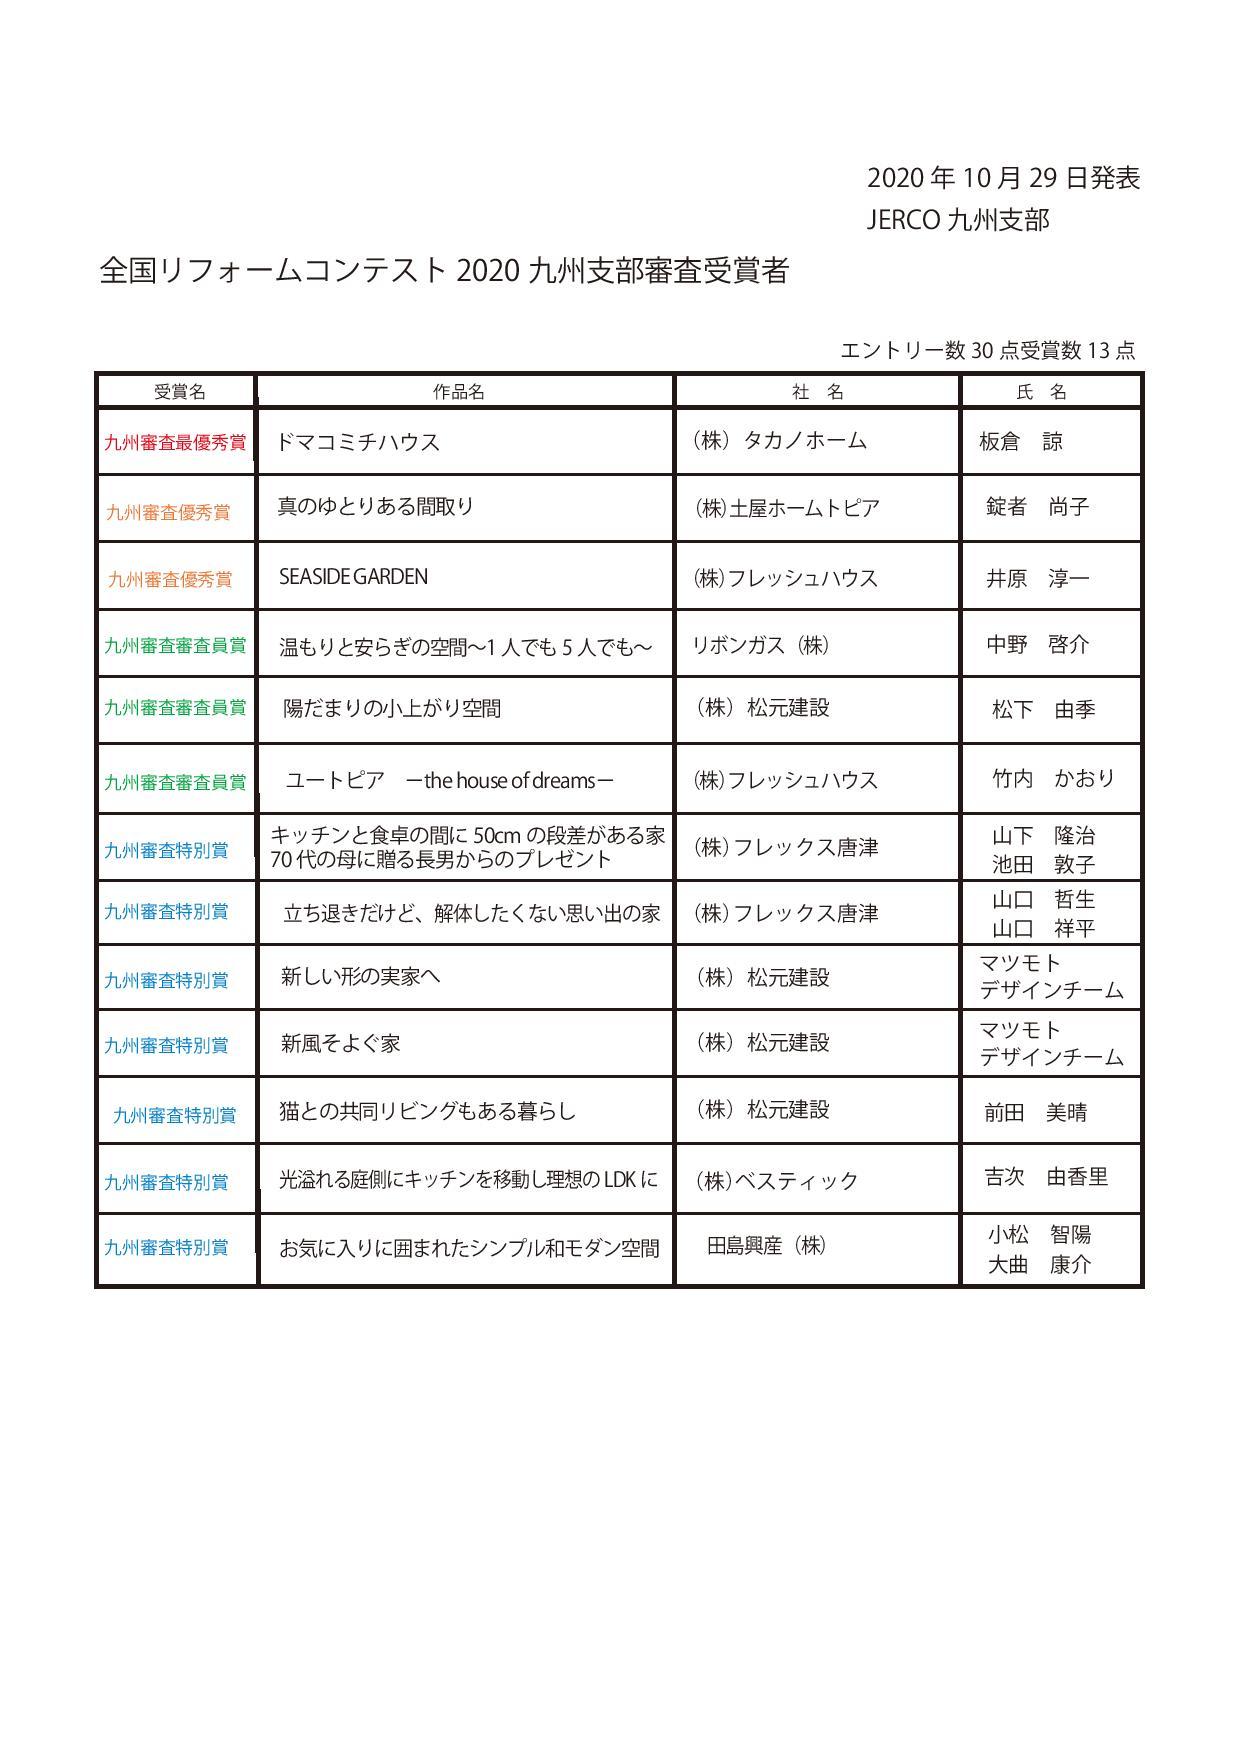 ジェルコリフォームコンテスト2020 デザイン部門 九州支部審査受賞者結果発表